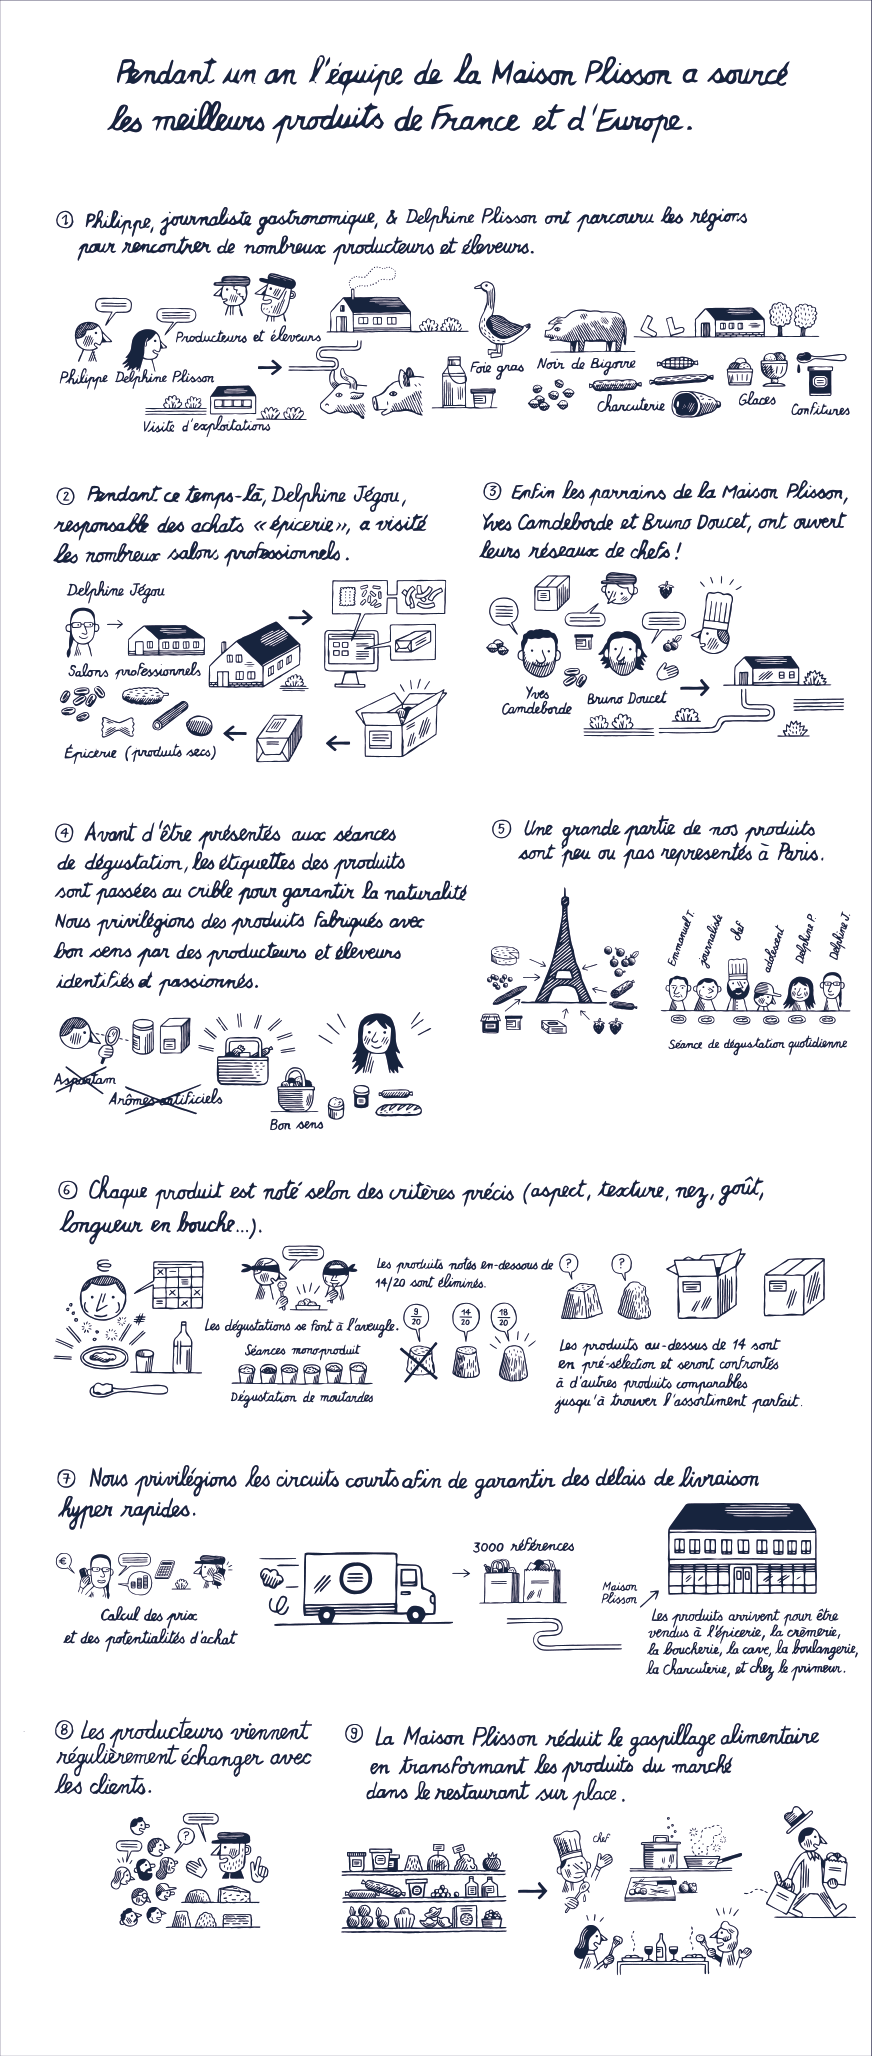 [[The opening of Paris' hypest épicerie, is a good excuse to expose my love for Jochen Gerner's work./// L'ouverture de la plus hype des épiceries parisiennes est une bonne excuse pour exposer mon amour pour le travail de Jochen Gerner.]]